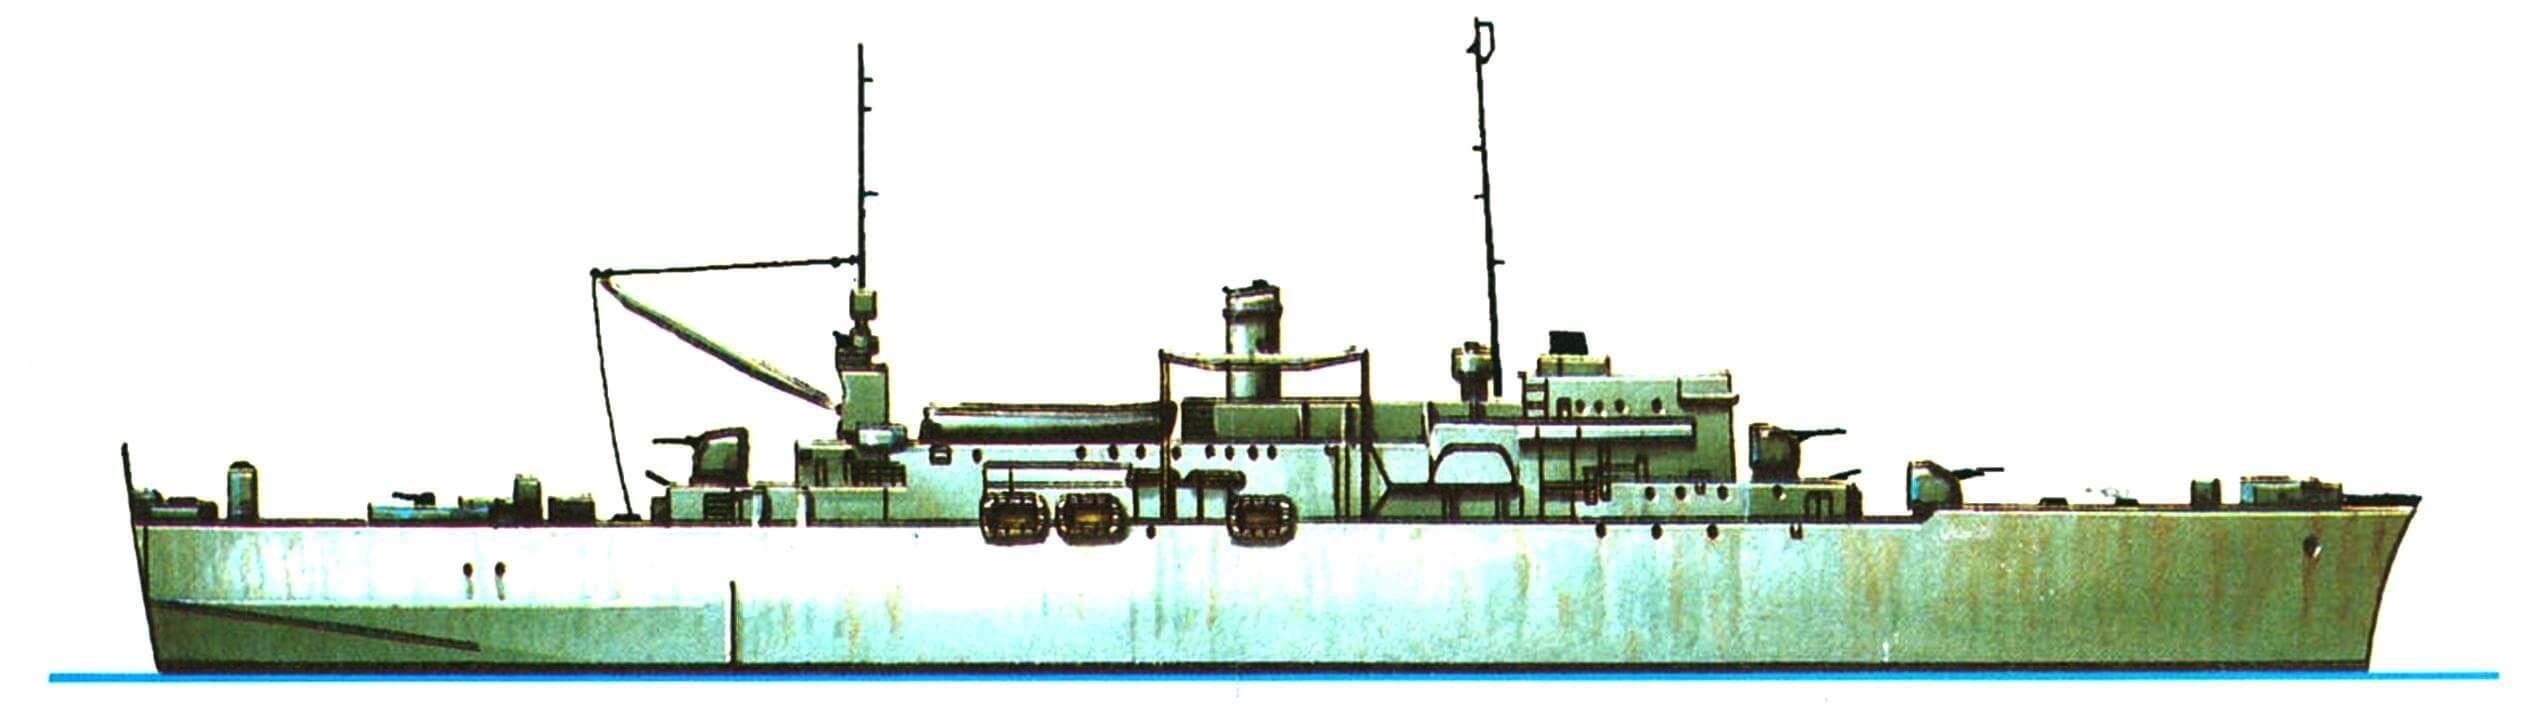 23.Десантный транспорт «Озарк» типа LSV, США, 1943 г. Водоизмещение стандартное 5875 т, длина наибольшая 138,8 м, ширина 18,4 м, осадка 6,1 м. Две турбины мощностью 11 000 л.с.,скорость 20 узлов. Вооружение: четыре 127-мм орудия, шестнадцать 40-мм автоматов. Вместимость: 800 человек и 44 амфибии DUK.W. Всего в 1943 — 1944 годах построено шесть единиц: «Кэтскилл», «Озарк», «Осэйдж», «Сэгас», «Монитор» и «Монток».